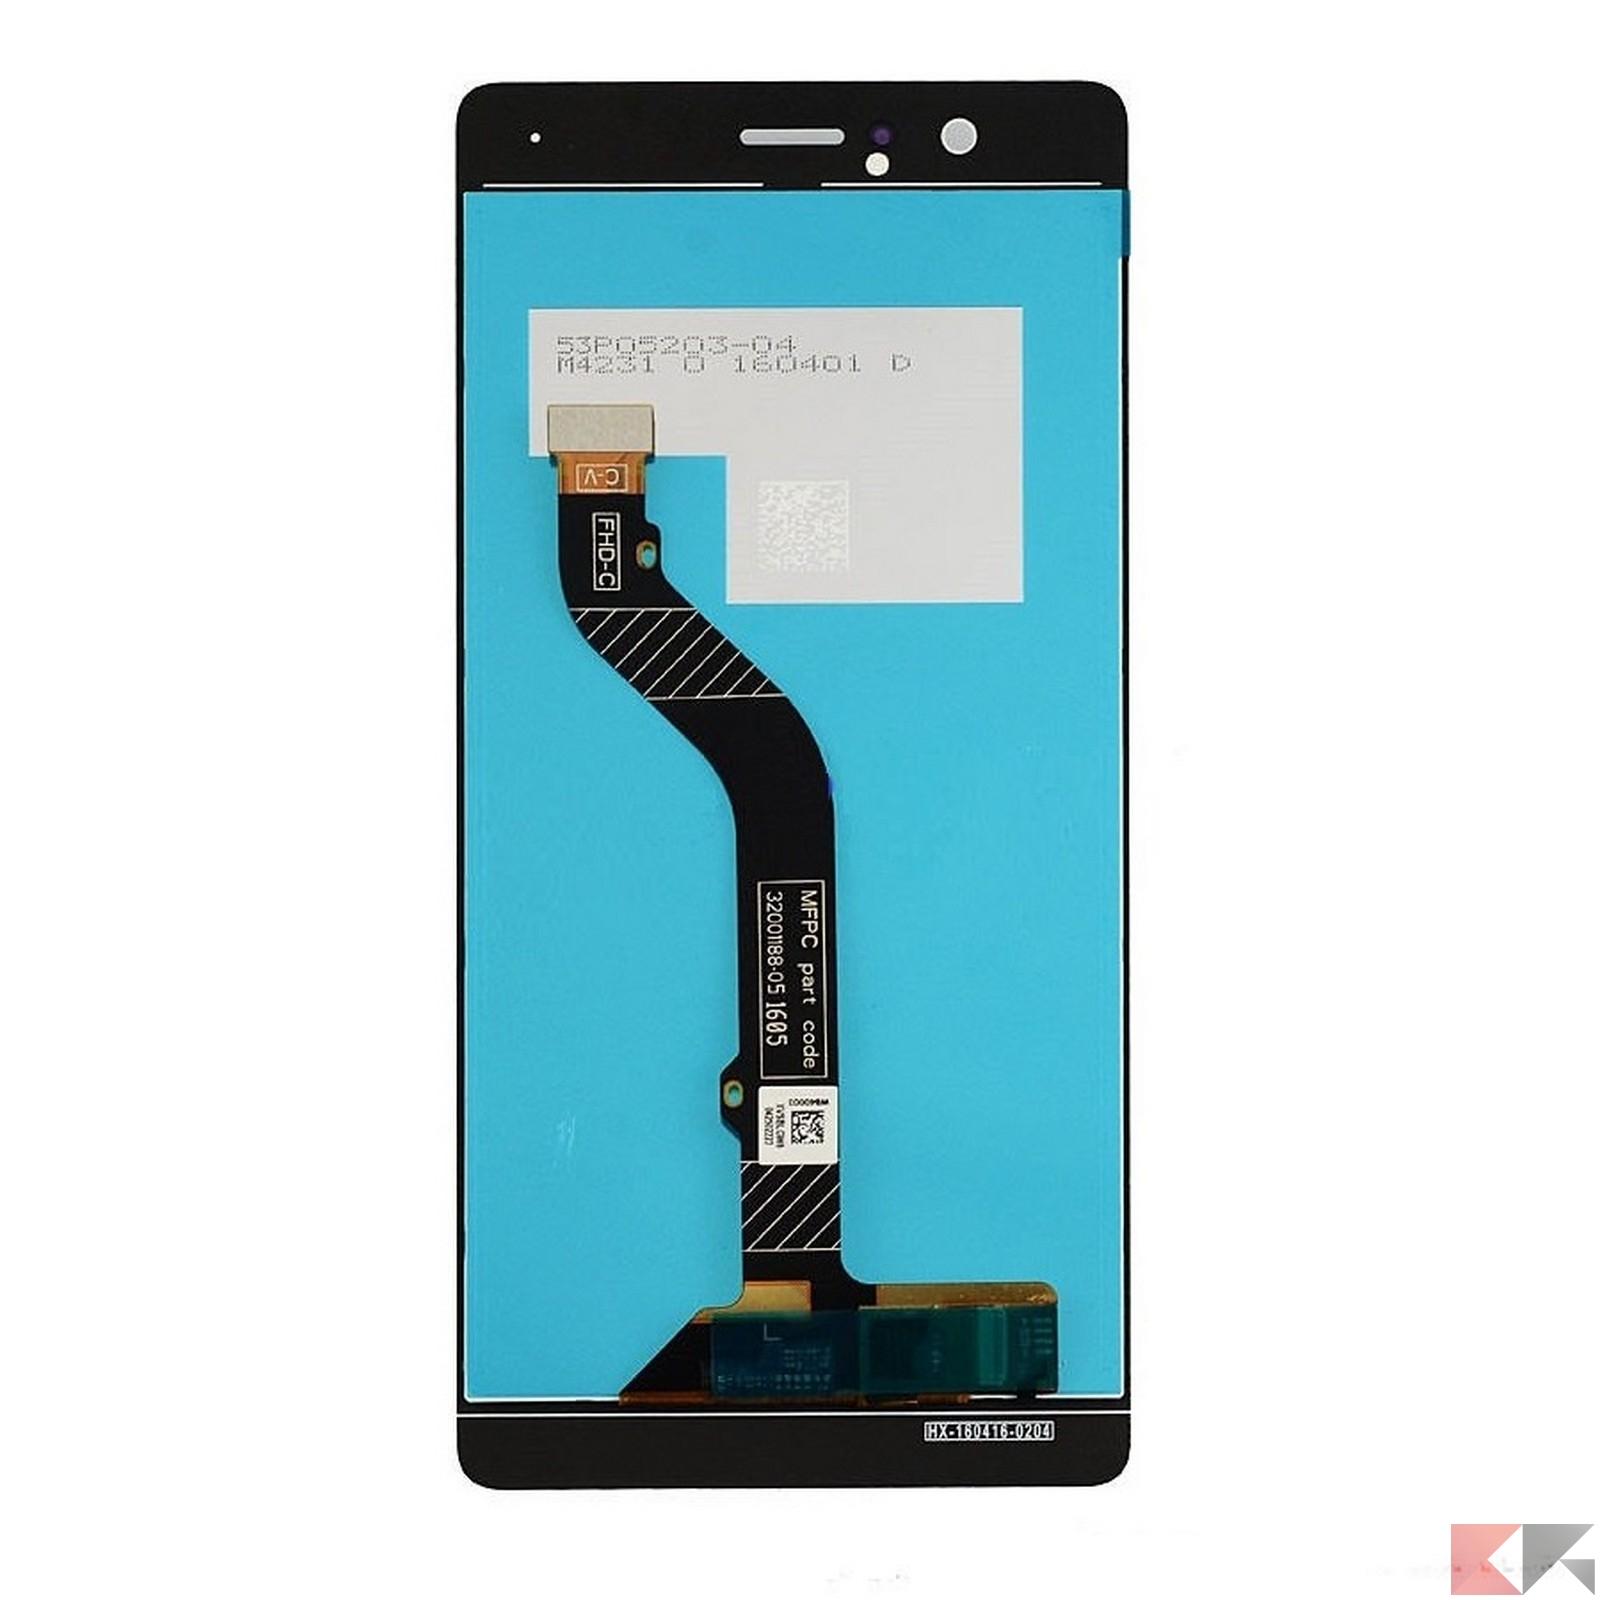 276e883e658 Quindi prendere lo schermo nuovo e togliere la pellicola dall'adesivo; fare  passare la spinetta dell'LCD dall'apposito foro, allineare correttamente lo  ...